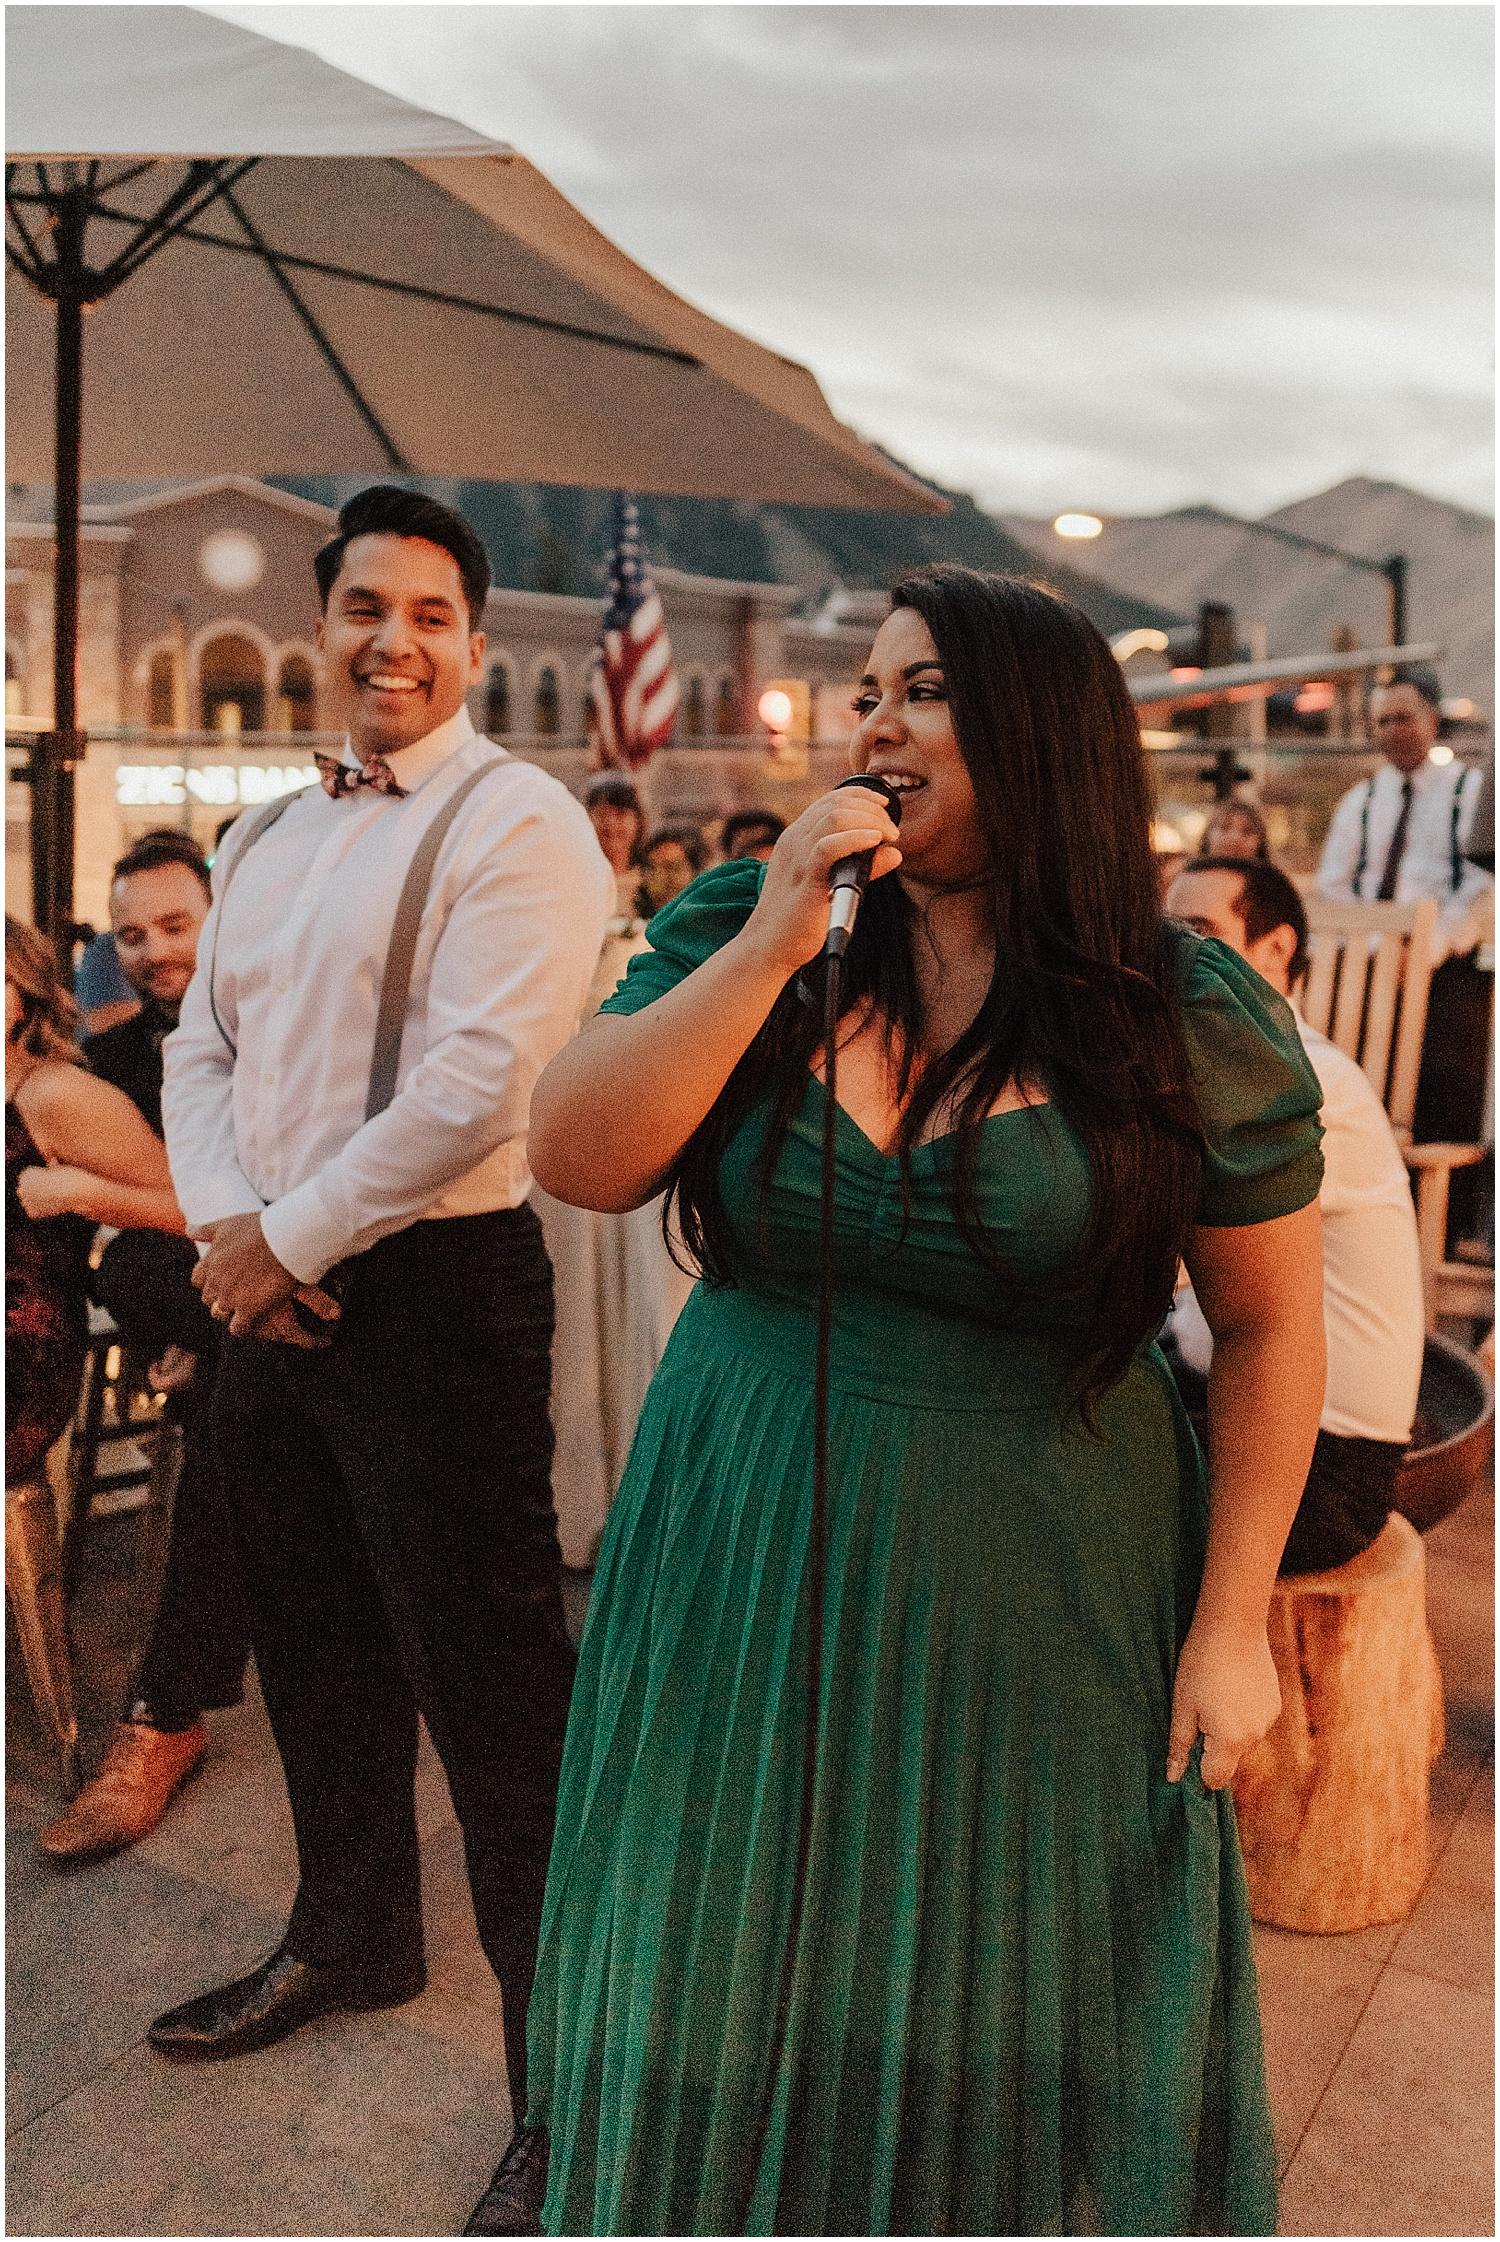 church-wedding-industrial-reception-sunvalley-idaho102.jpg